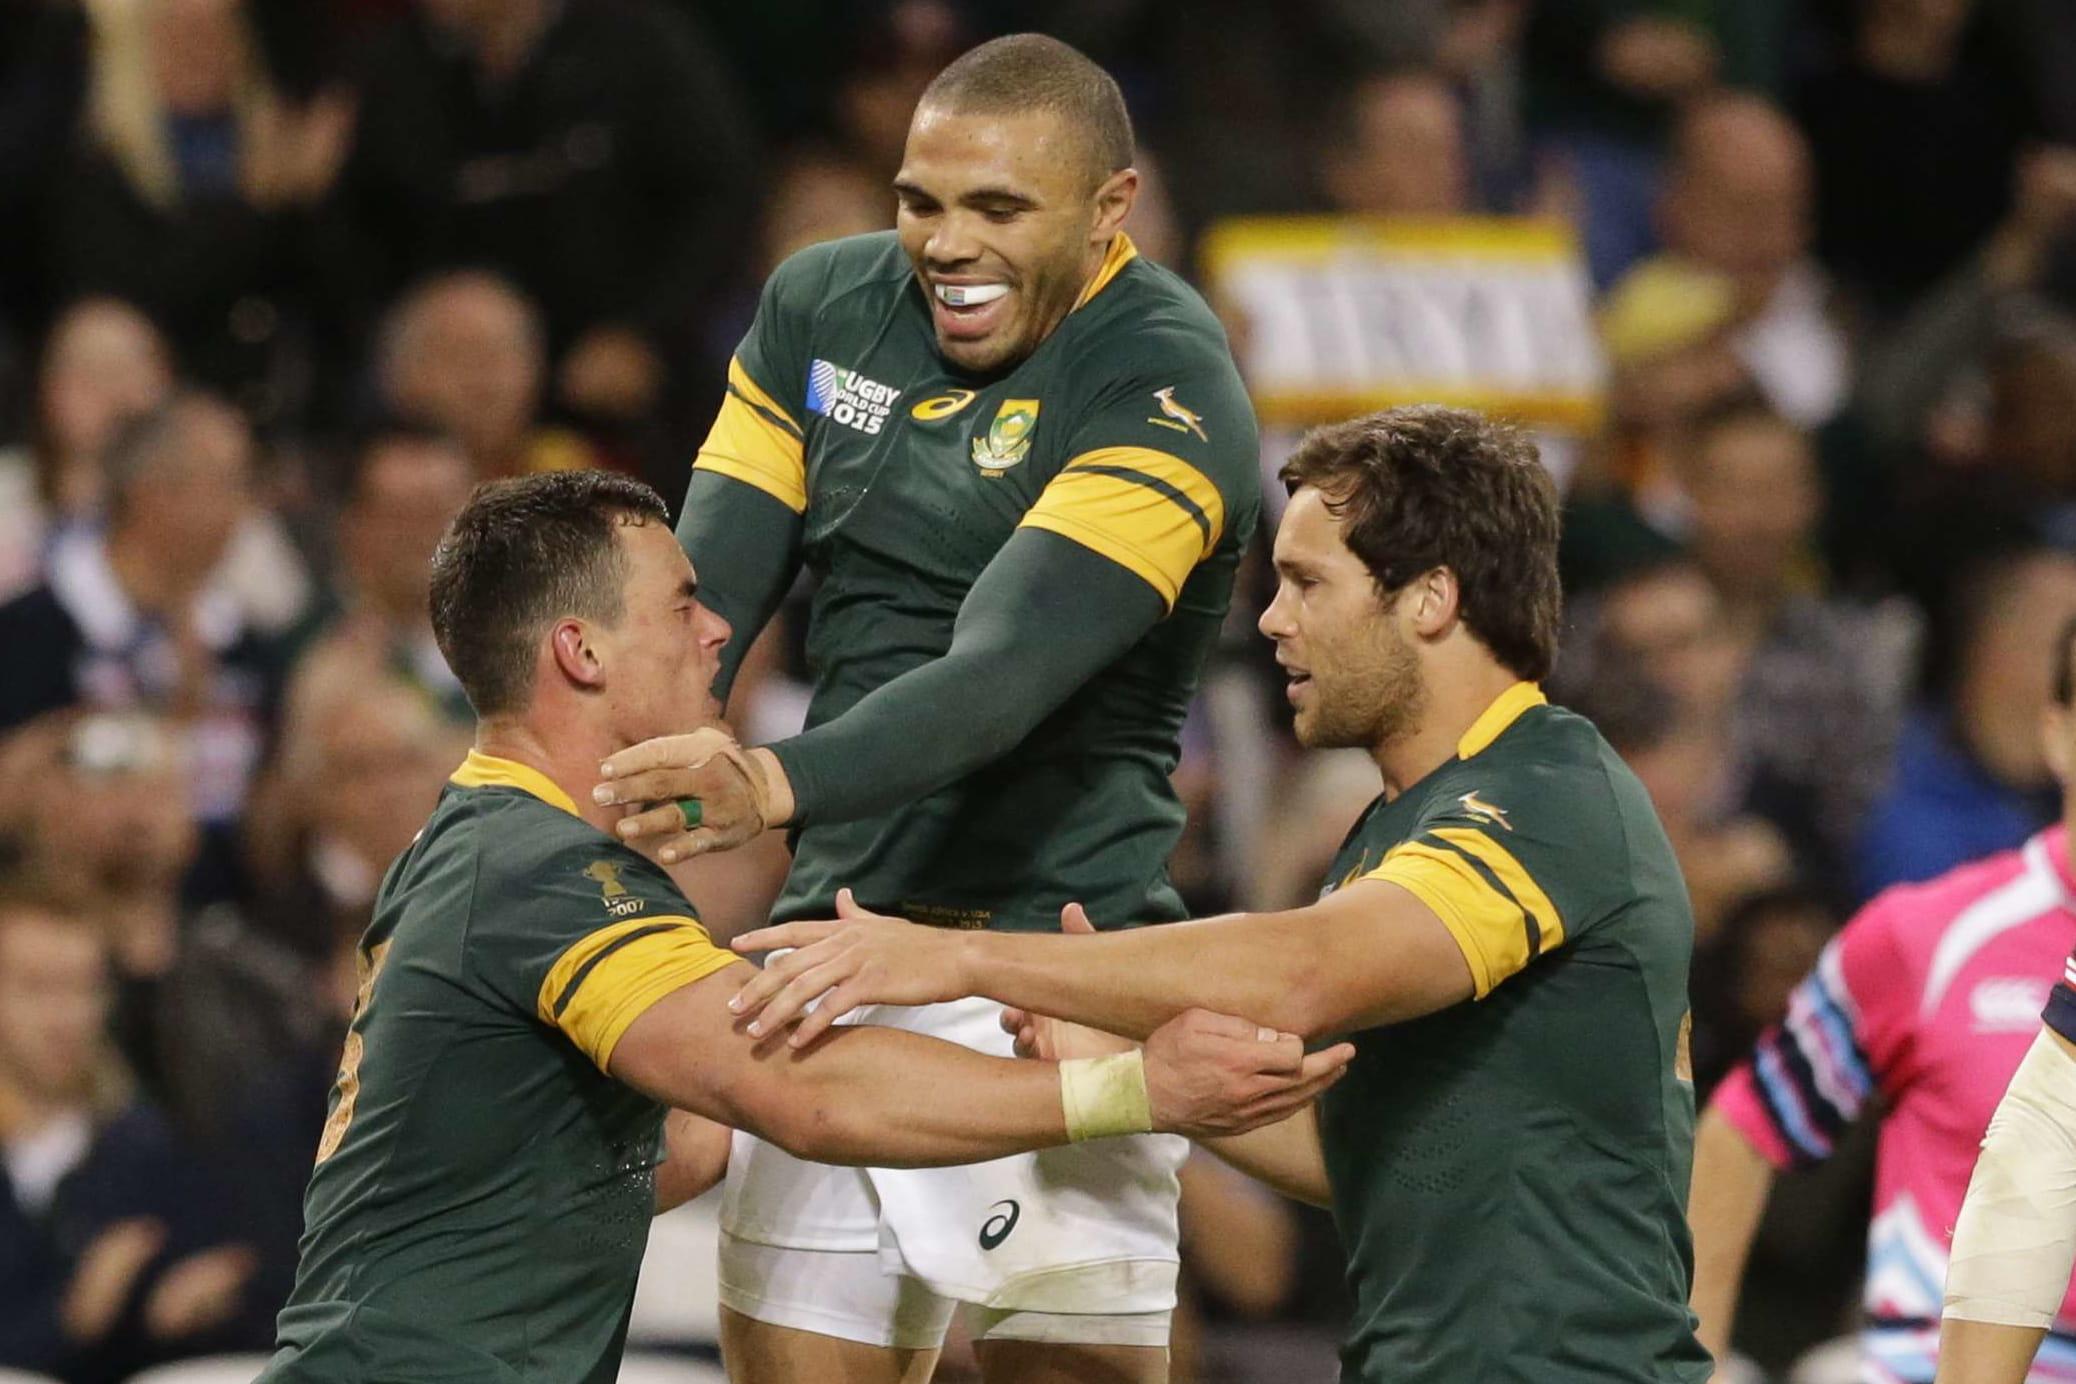 Coupe du monde de rugby 2015 calendrier r sultats et - Quart de finale coupe du monde 2015 ...